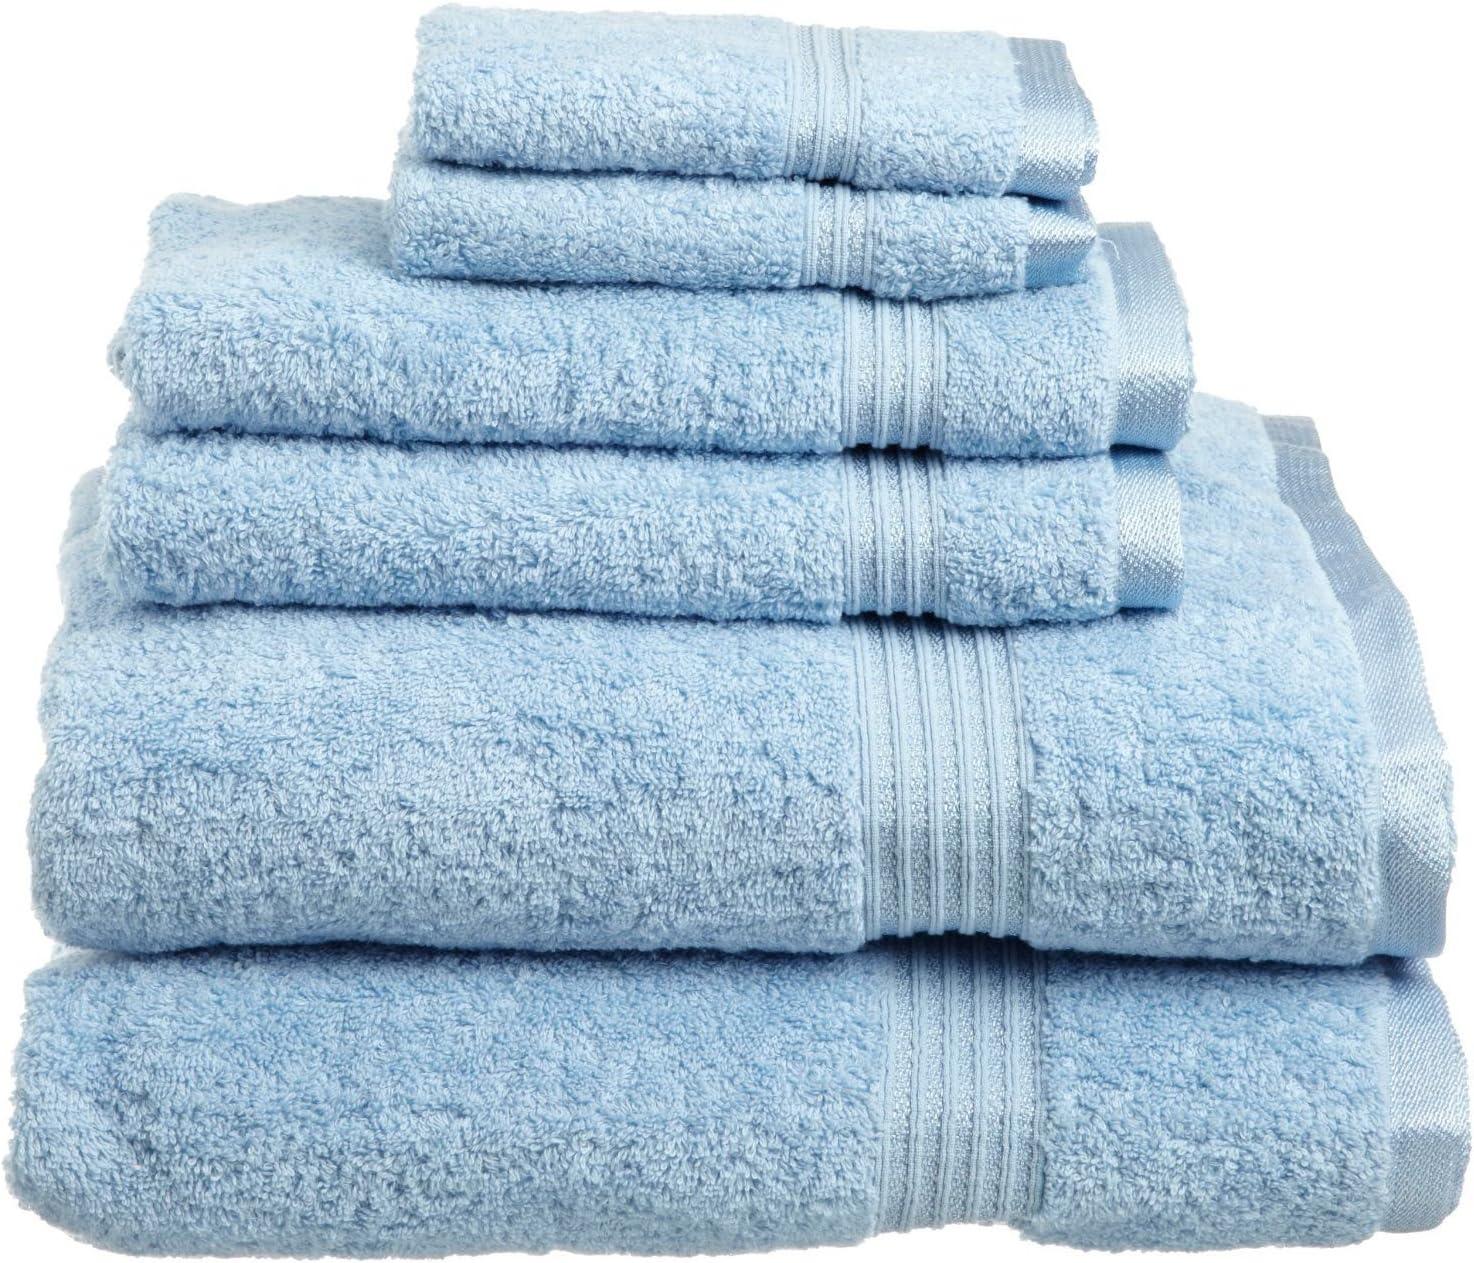 SUPERIOR Luxury Cotton Bath Towel Set - 6-Piece Towel Set, 600 GSM, Long-Staple Combed Cotton Towels, Light Blue